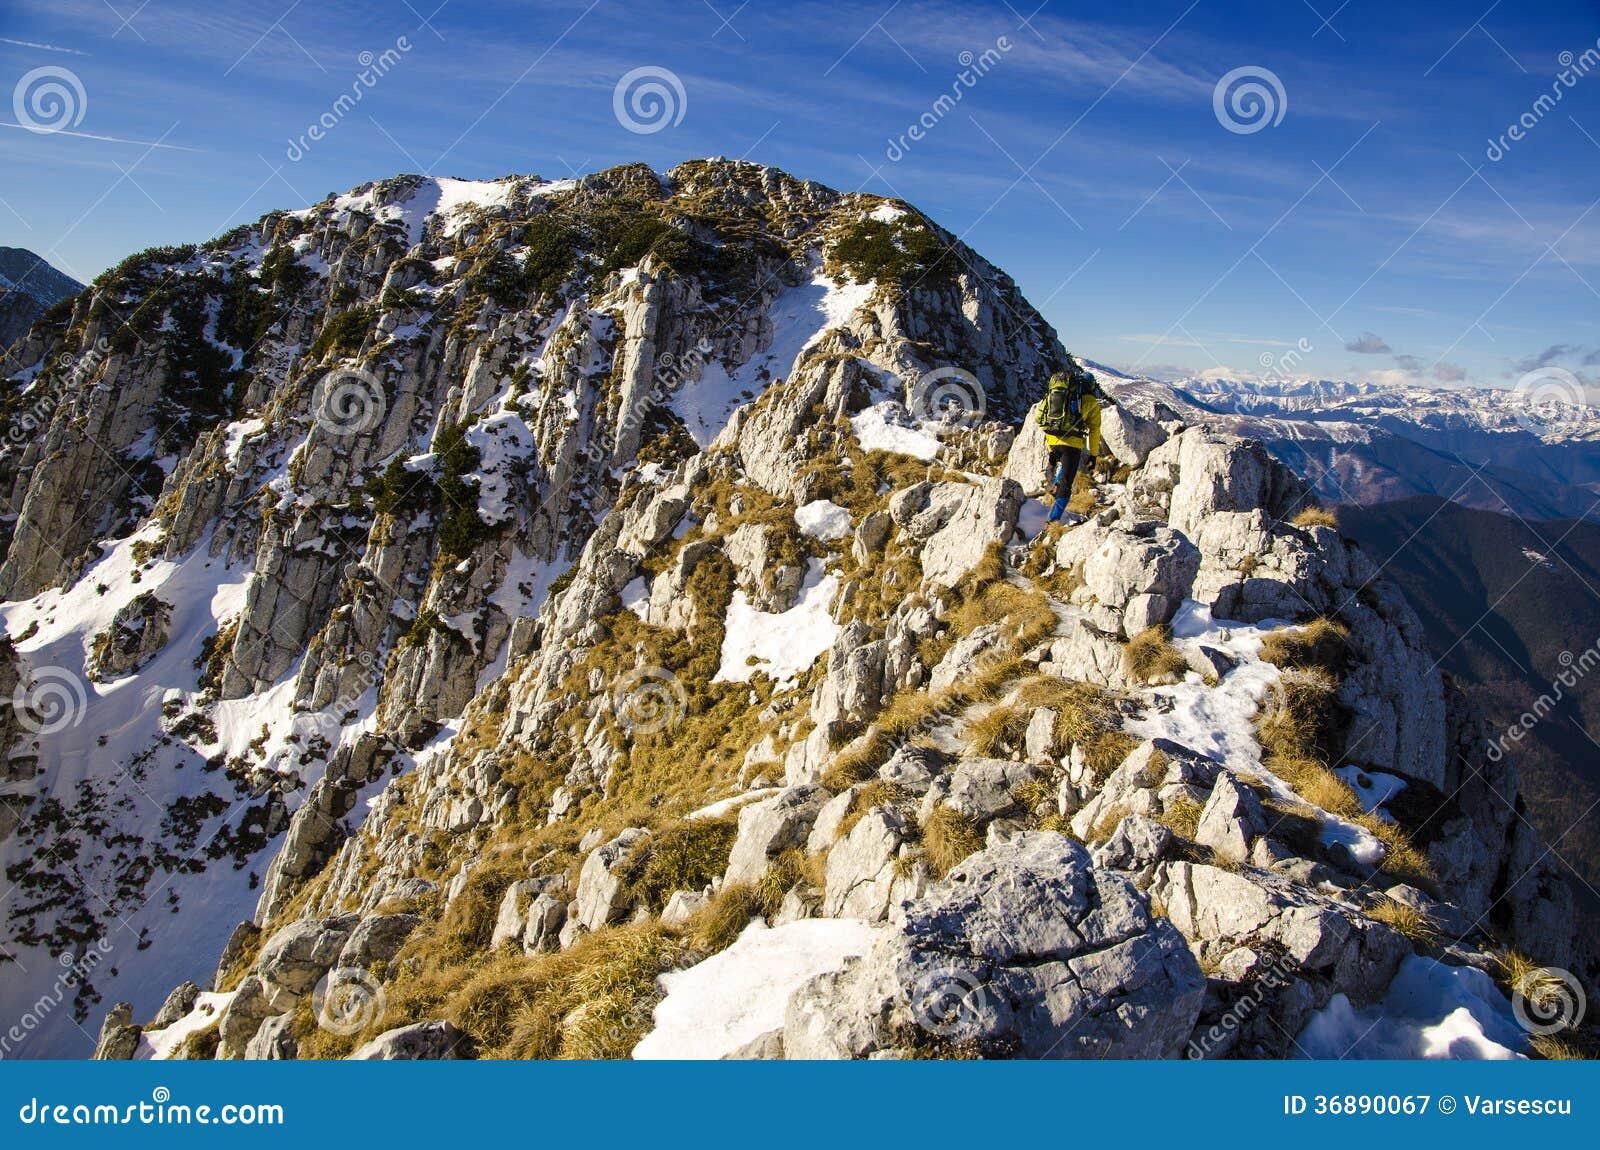 Download Cresta rocciosa immagine stock. Immagine di romania, nave - 36890067